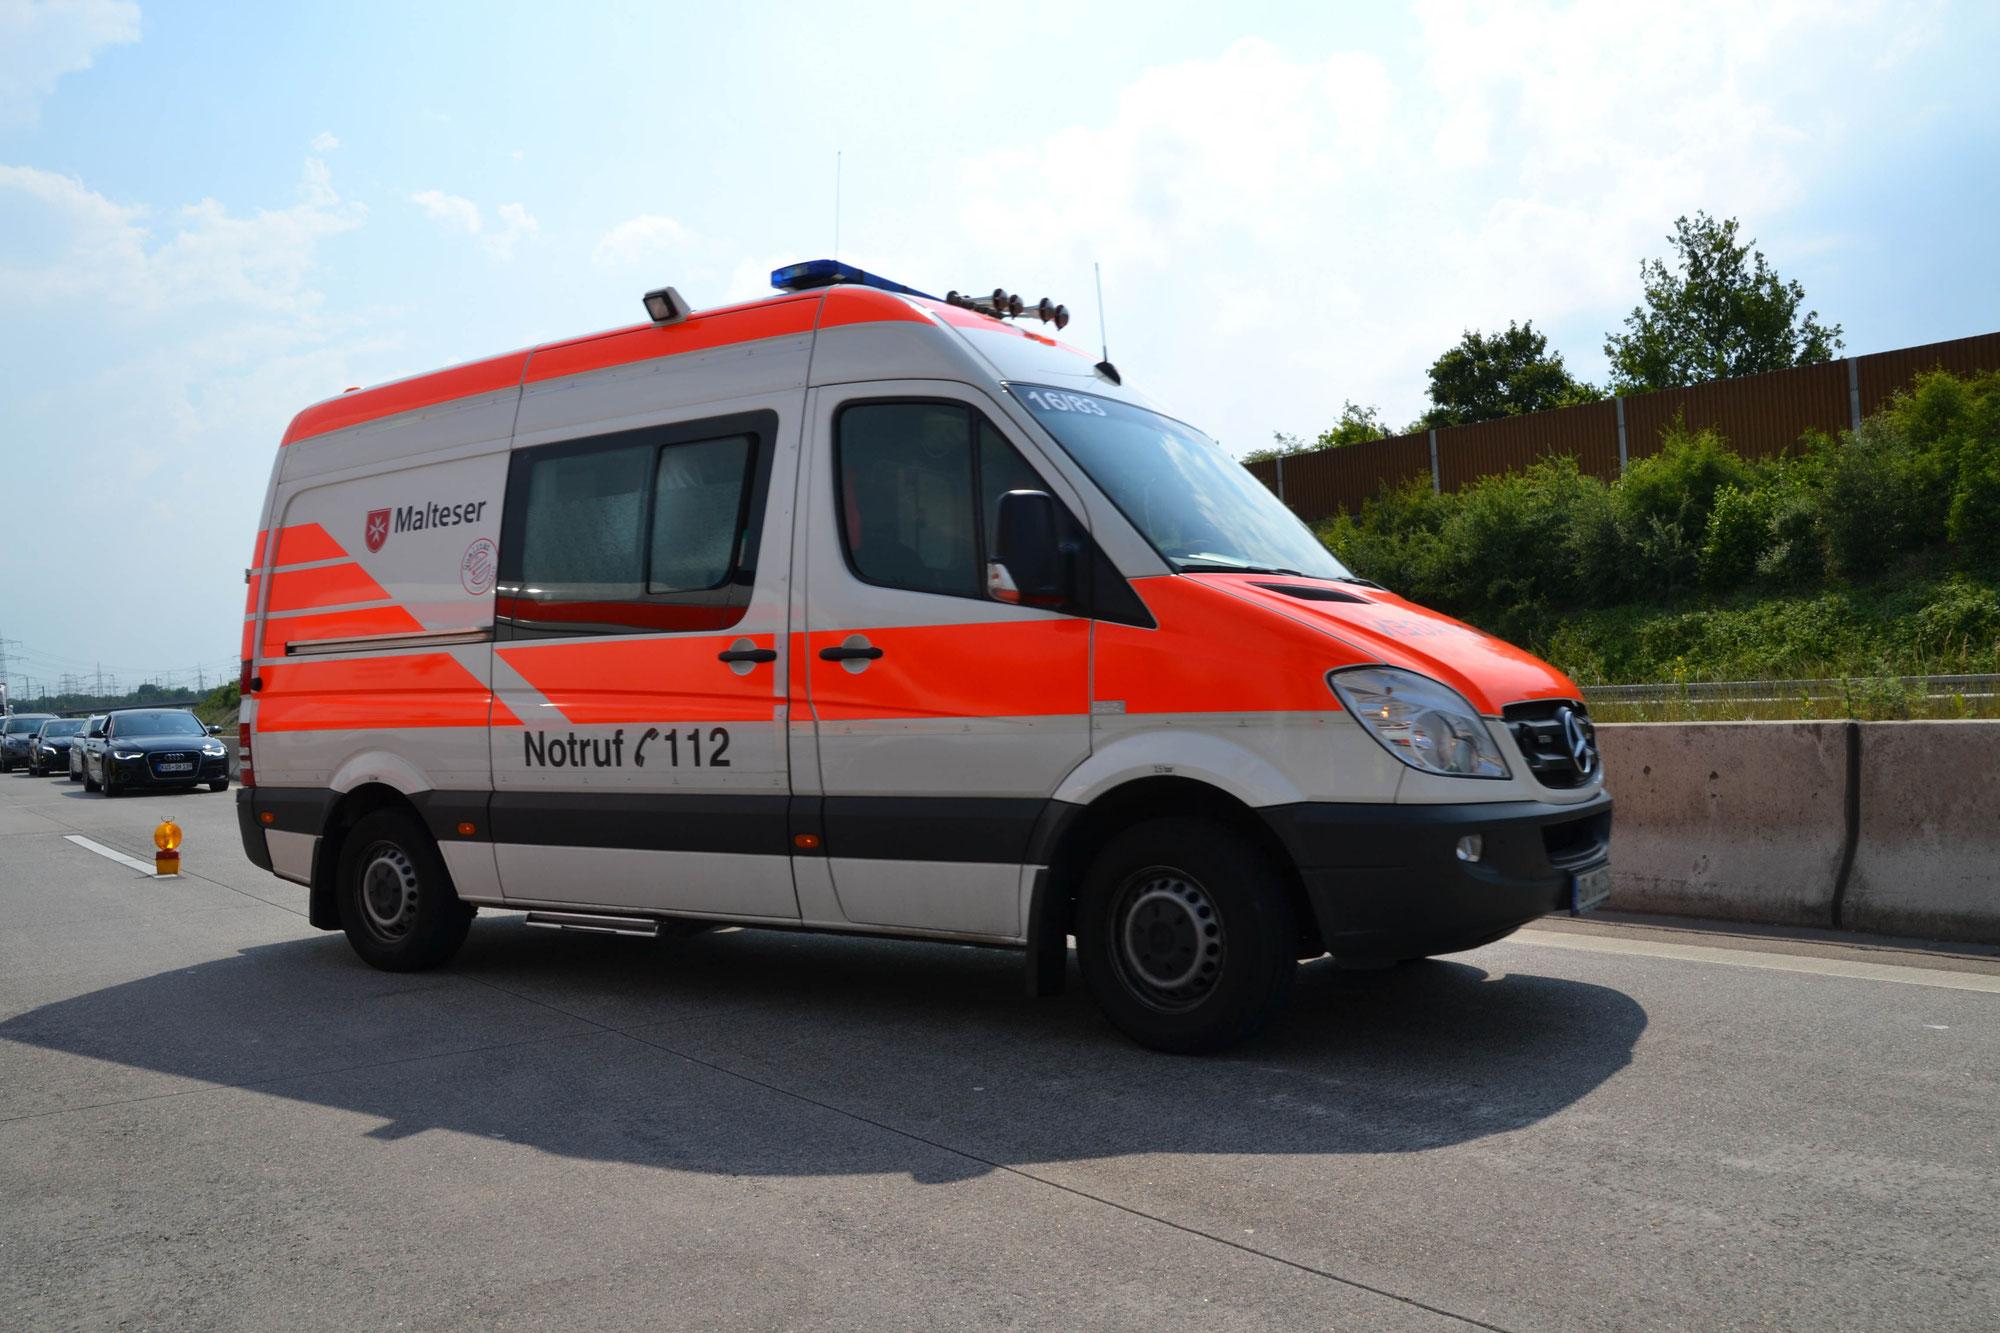 St. Leon-Rot/BAB 5: Auffahrunfall mit vier beteiligten Fahrzeugen - Zwei Verletzte und erheblicher Sachschaden